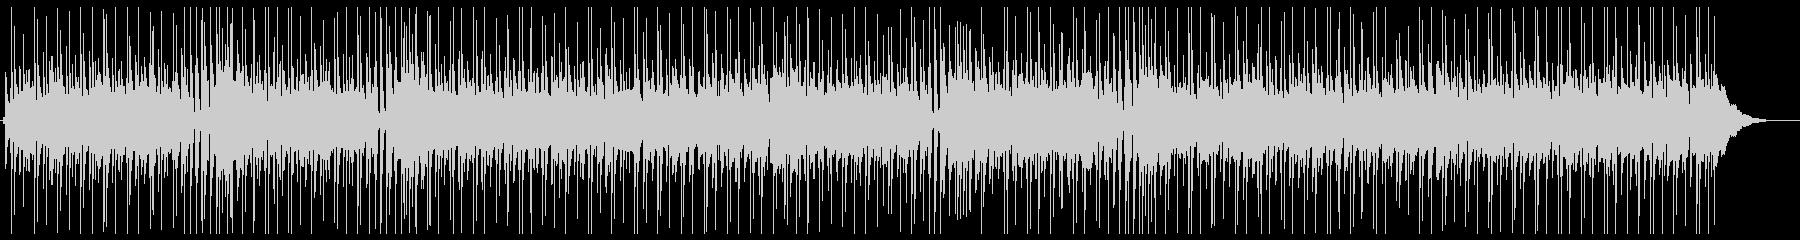 オールディーズ風のアップテンポなナンバーの未再生の波形